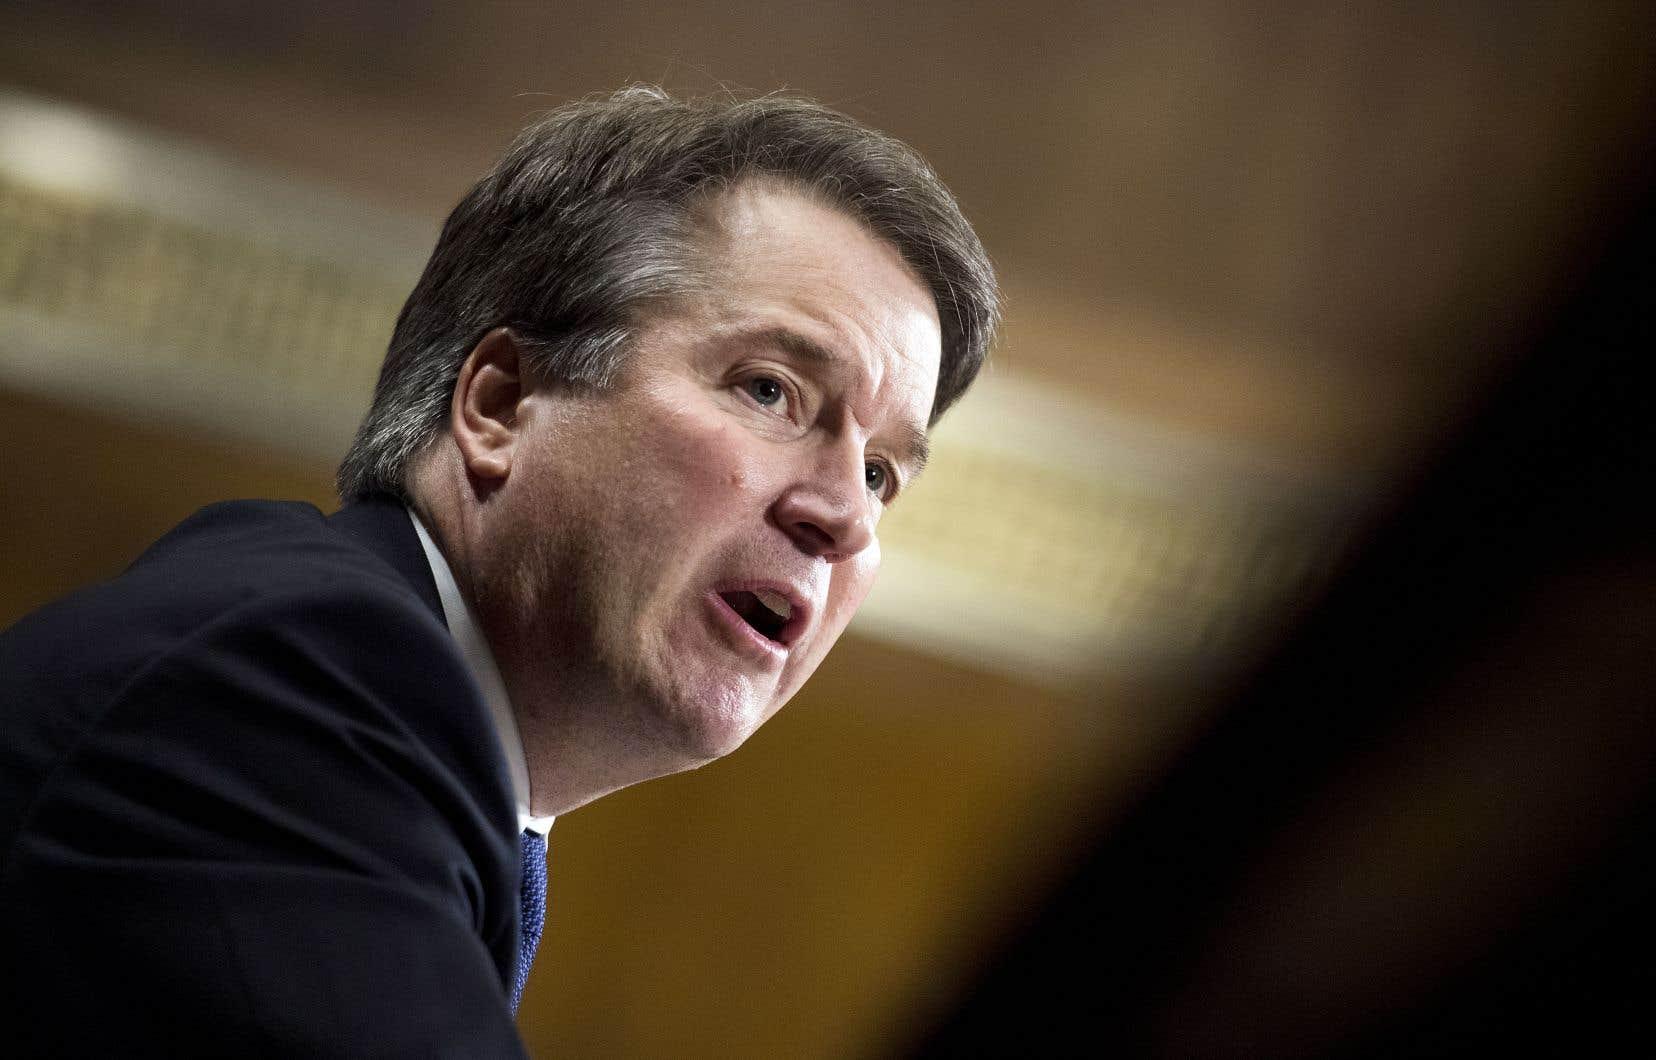 Devant le comité judiciaire du Sénat américain, le juge Brett Kavanaugh a réfuté avec véhémence jeudi dernier les allégations d'agressions sexuelles qui pèsent contre lui.